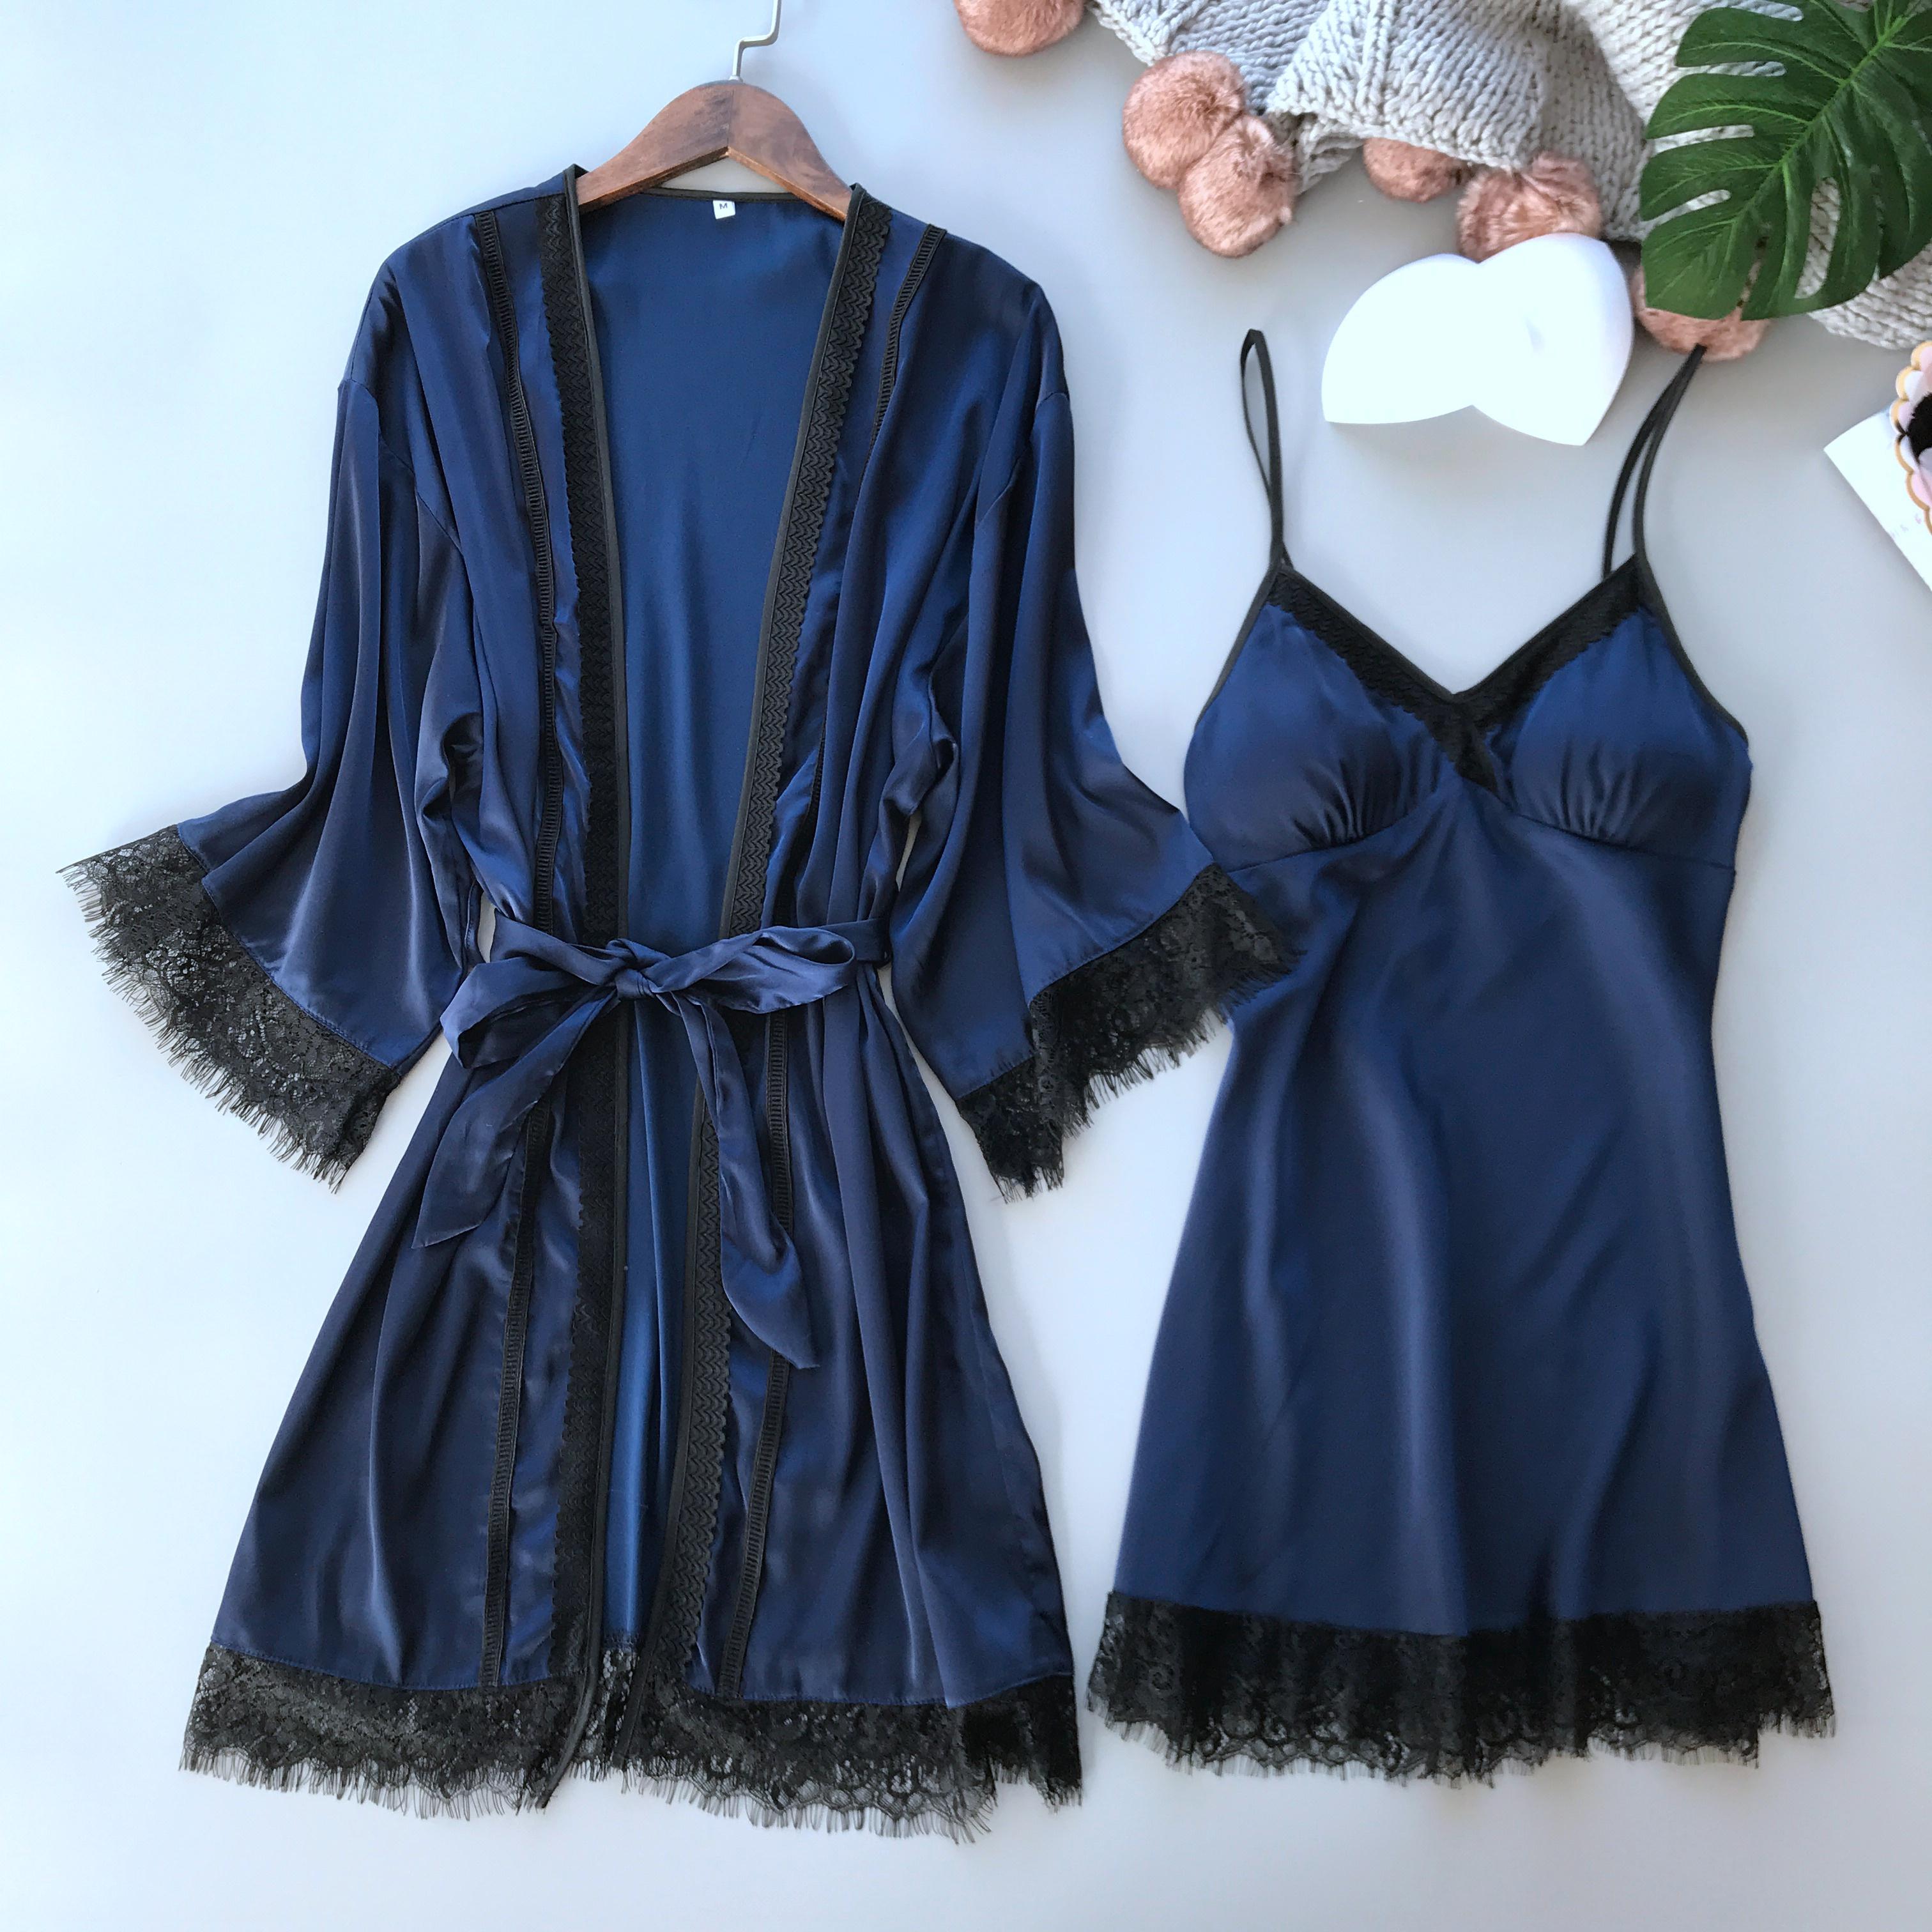 2019 kadınlar seksi romantik pijama ipeksi kimono bornoz ipek gelin uzun elbise kollu boyundan bağlamalı elbise ile meme ped